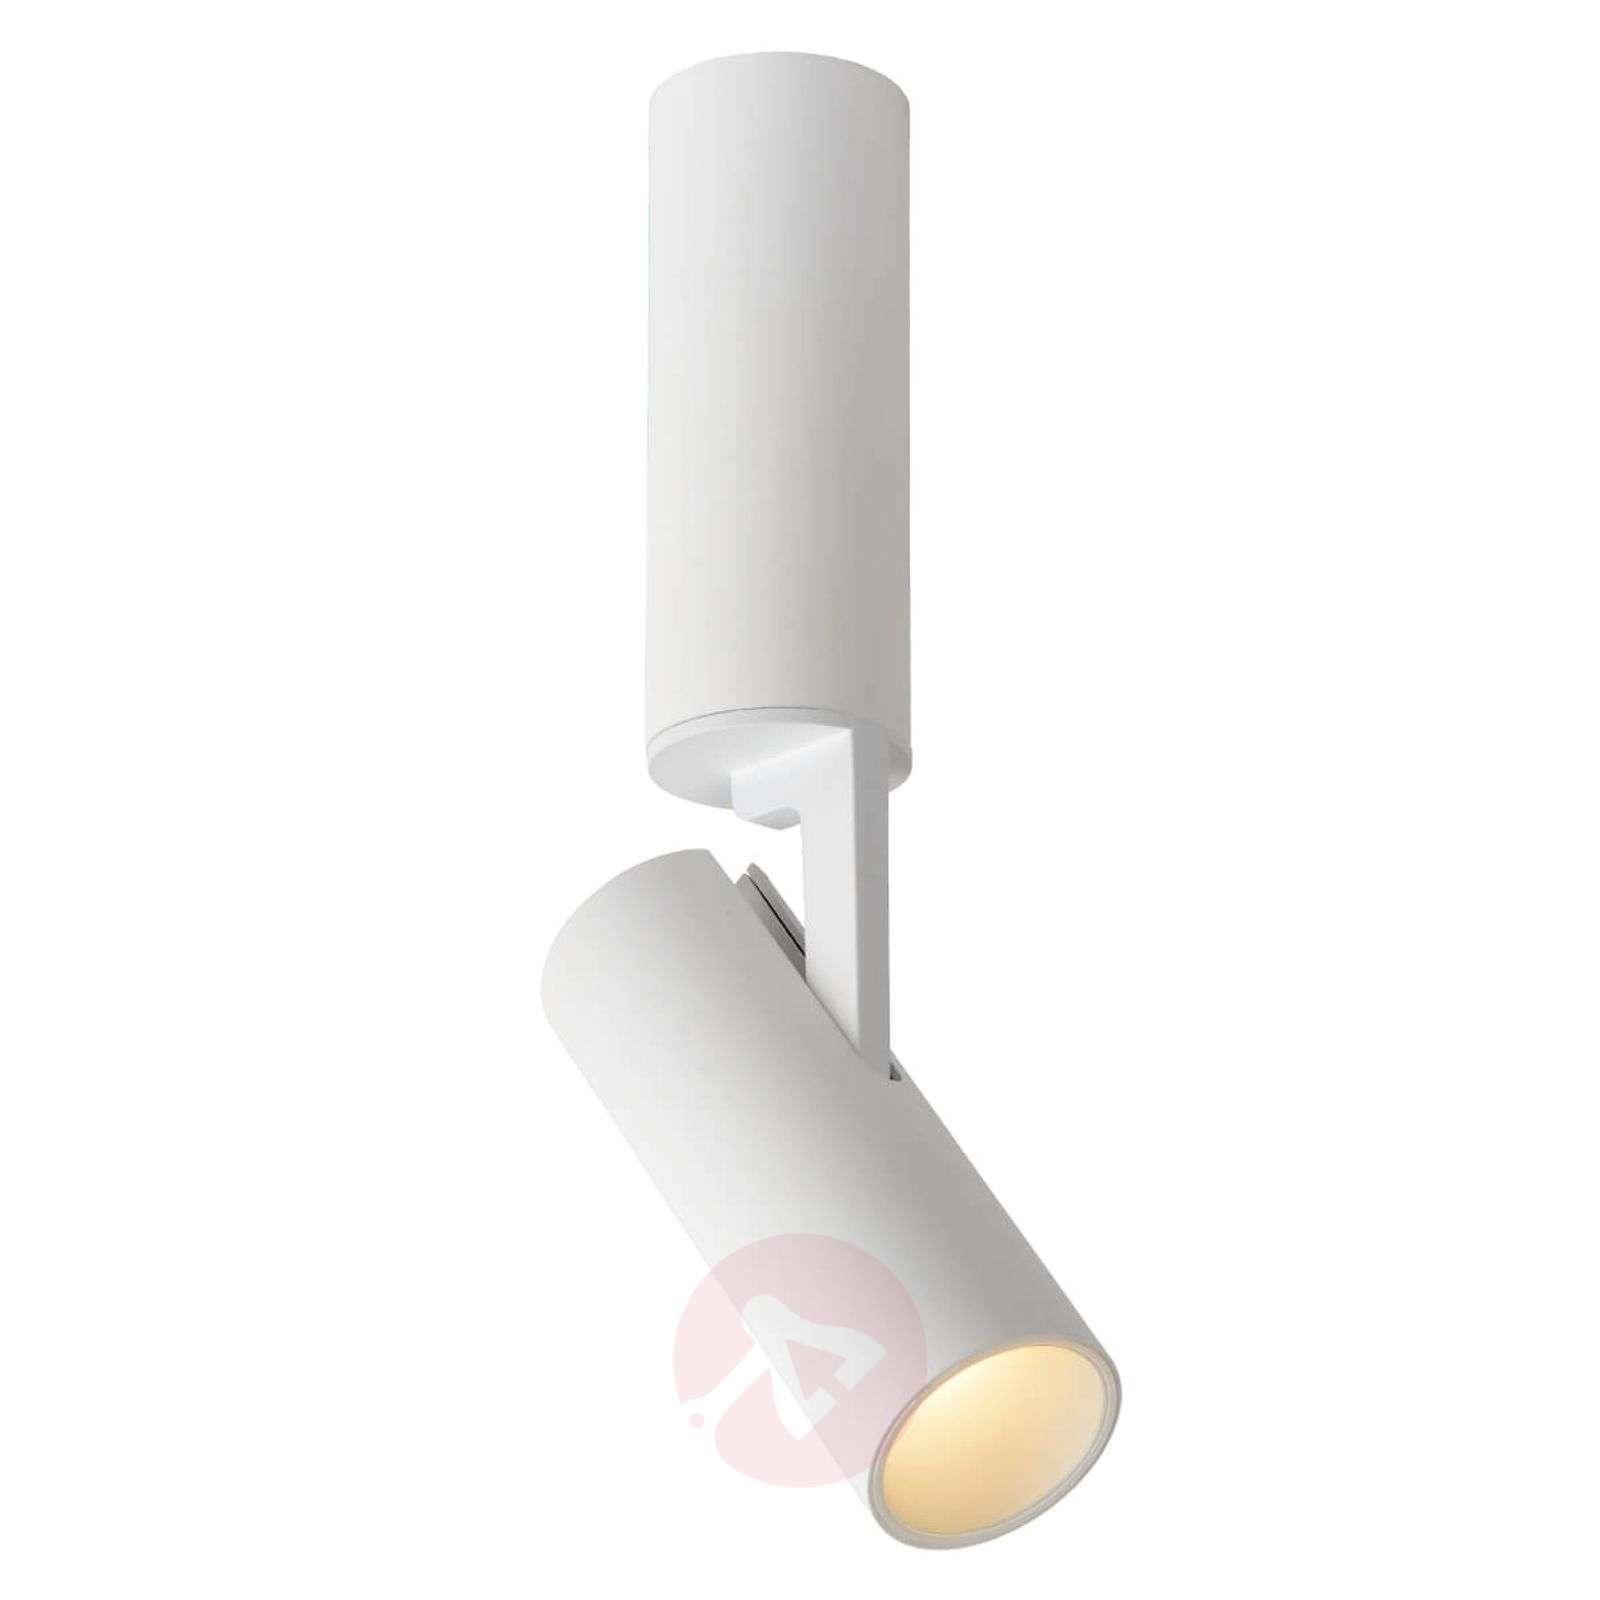 Greg LED spotlight in white-6055277-01